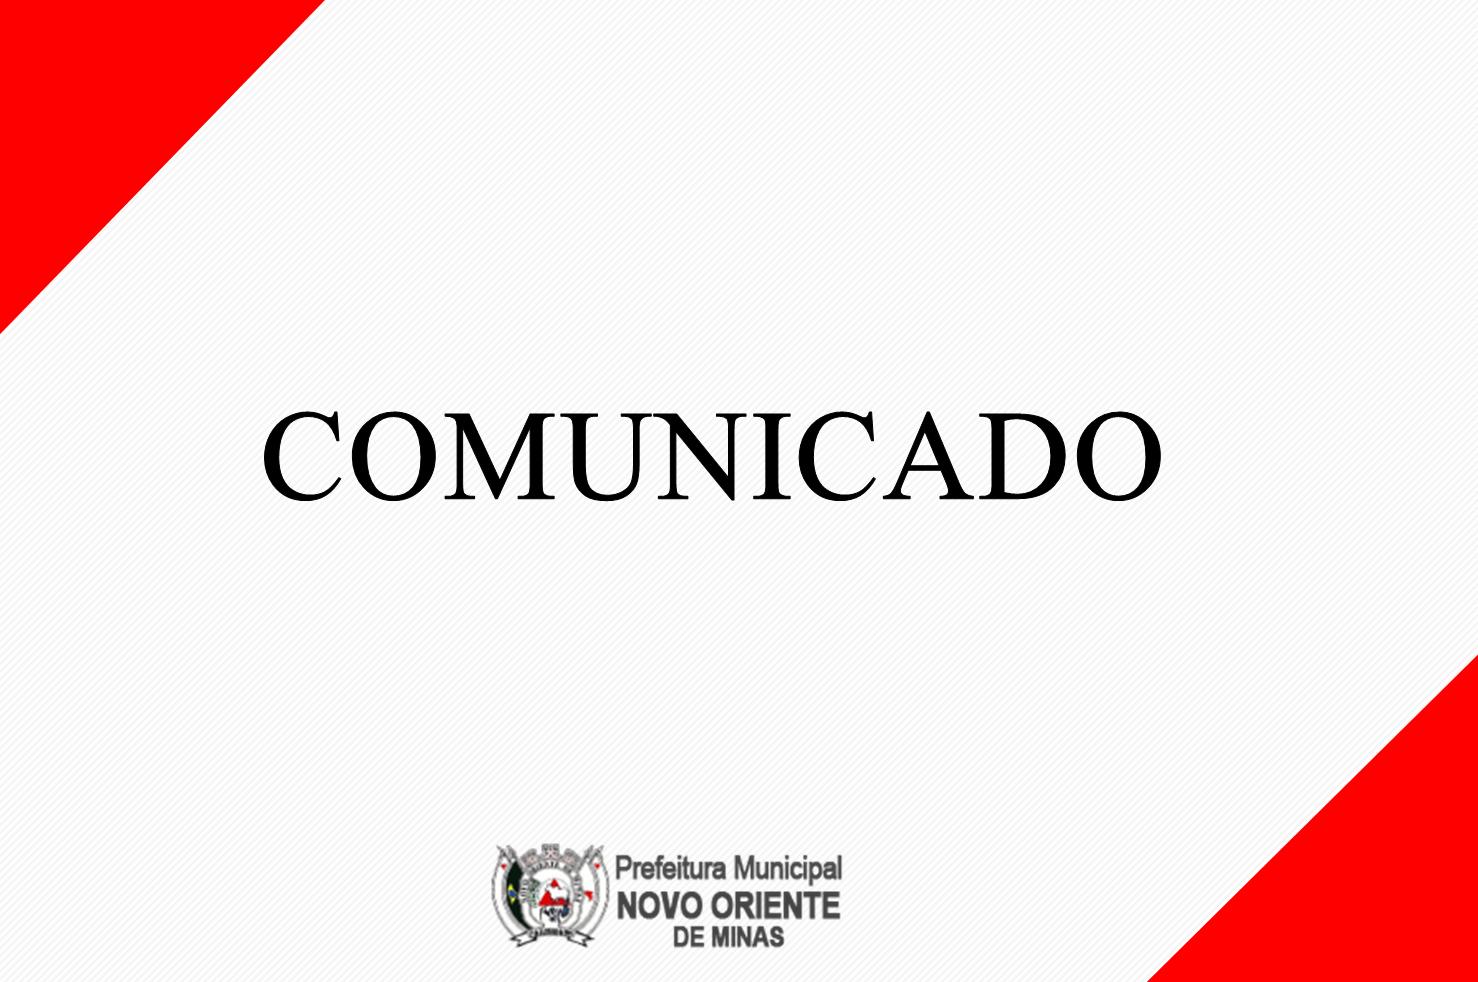 COMUNICADO: COLETA DE ENTULHO